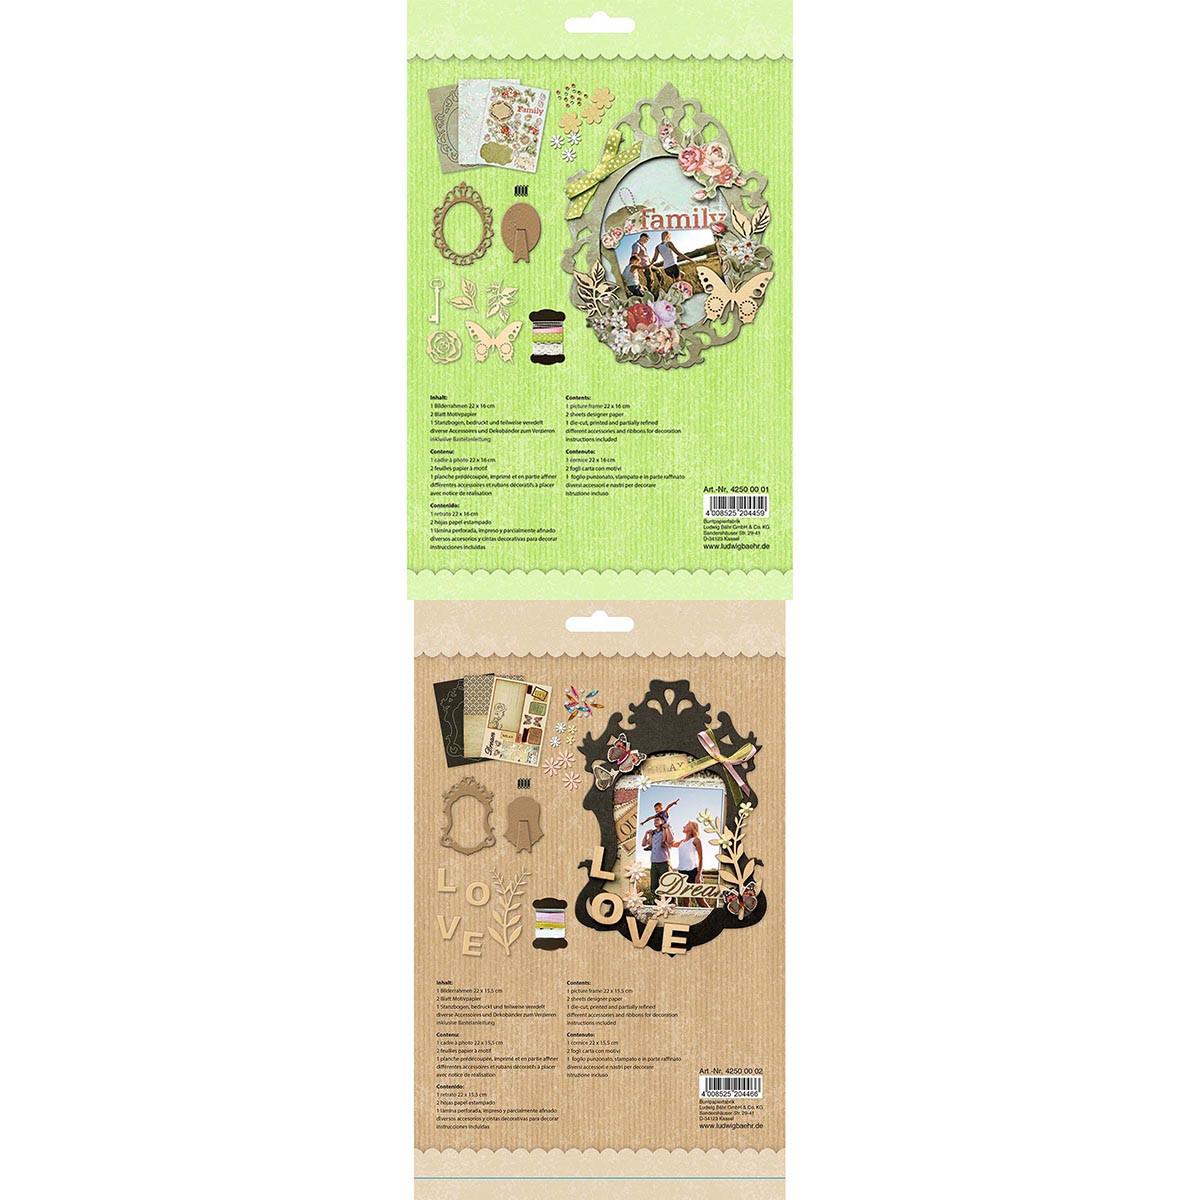 Frame Kit / Bilderrahmen-Set small